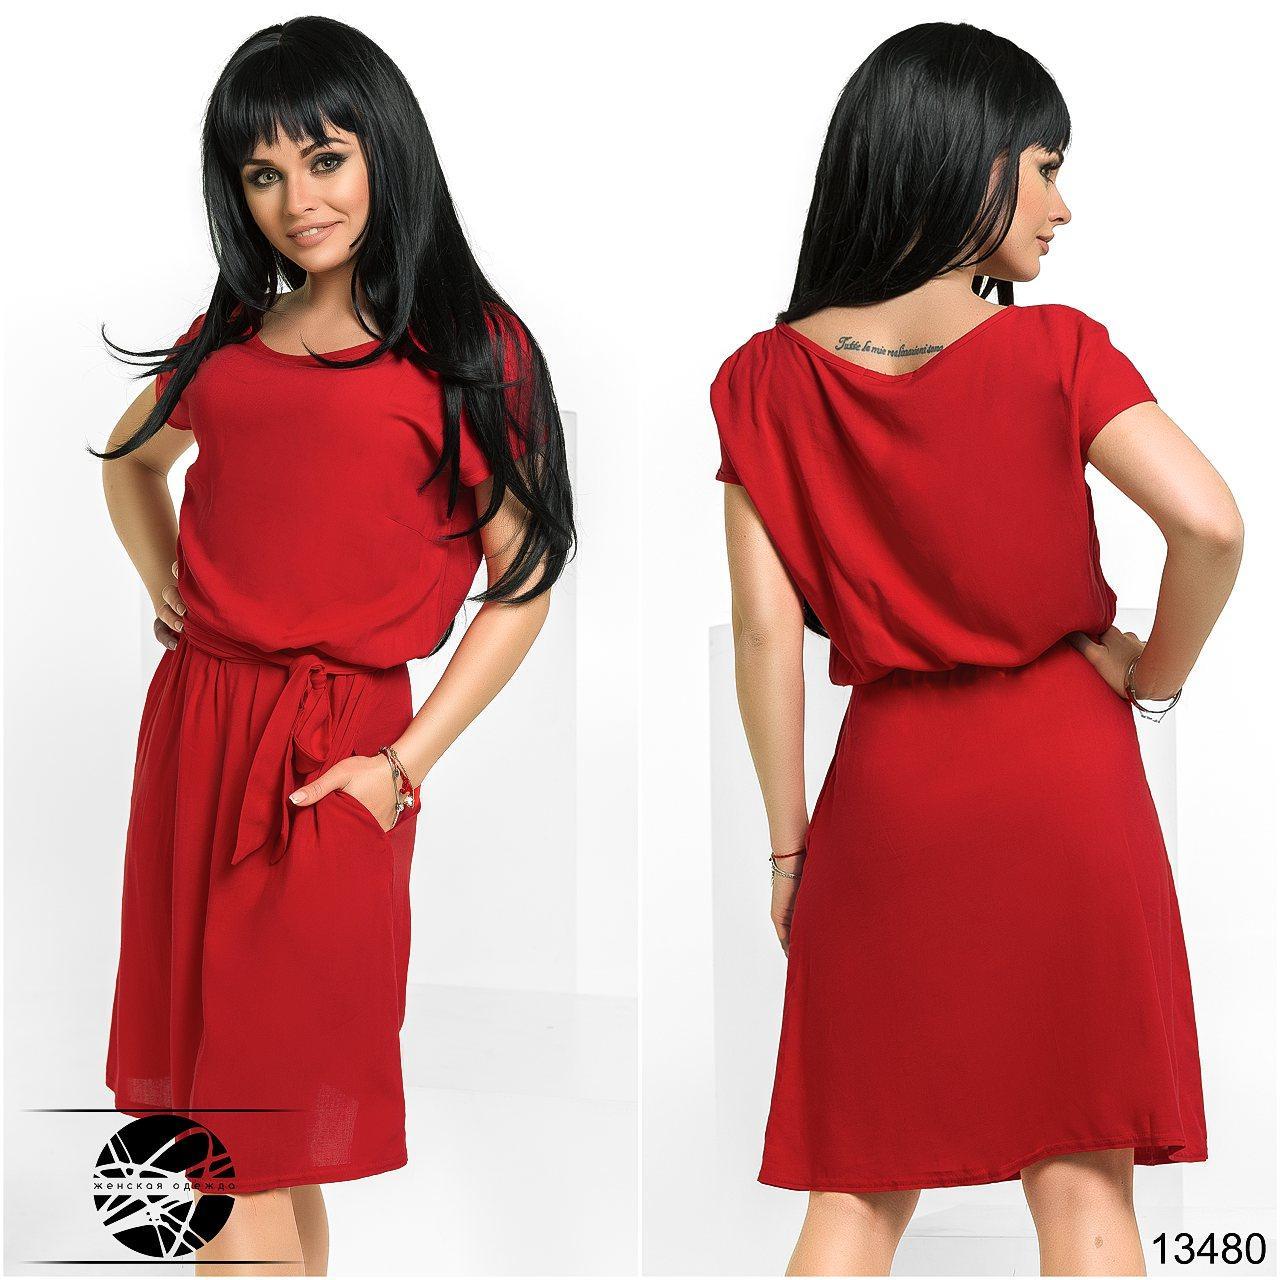 78cea5ef384 Купить Летнее платье красного цвета с поясом. Модель 13480. в Одессе ...